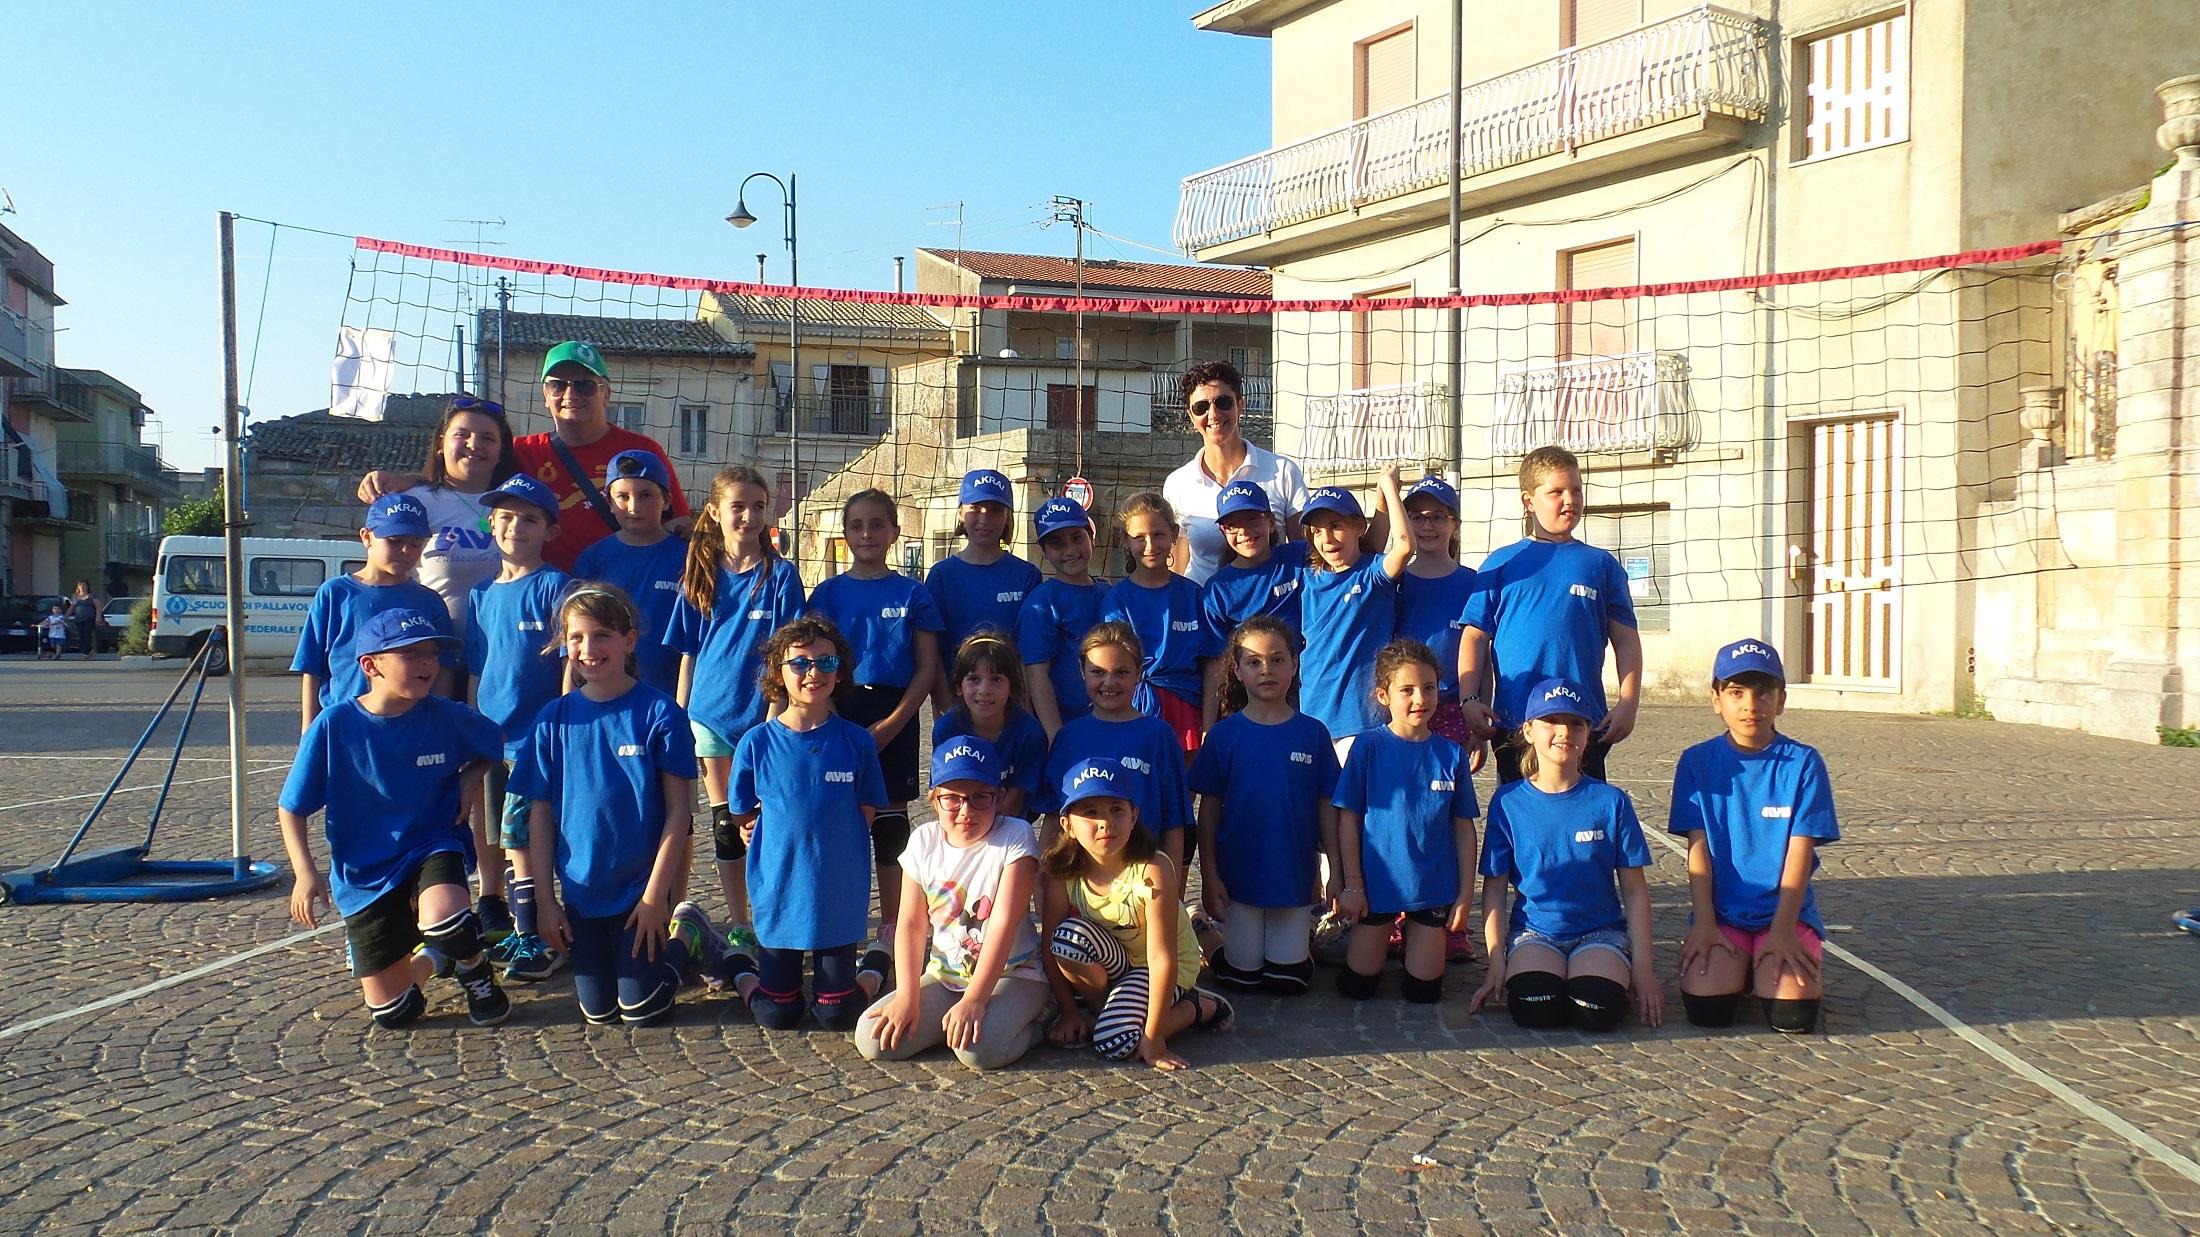 Minivolley, raduno interprovinciale a Palazzolo Acreide a piazzale Marconi